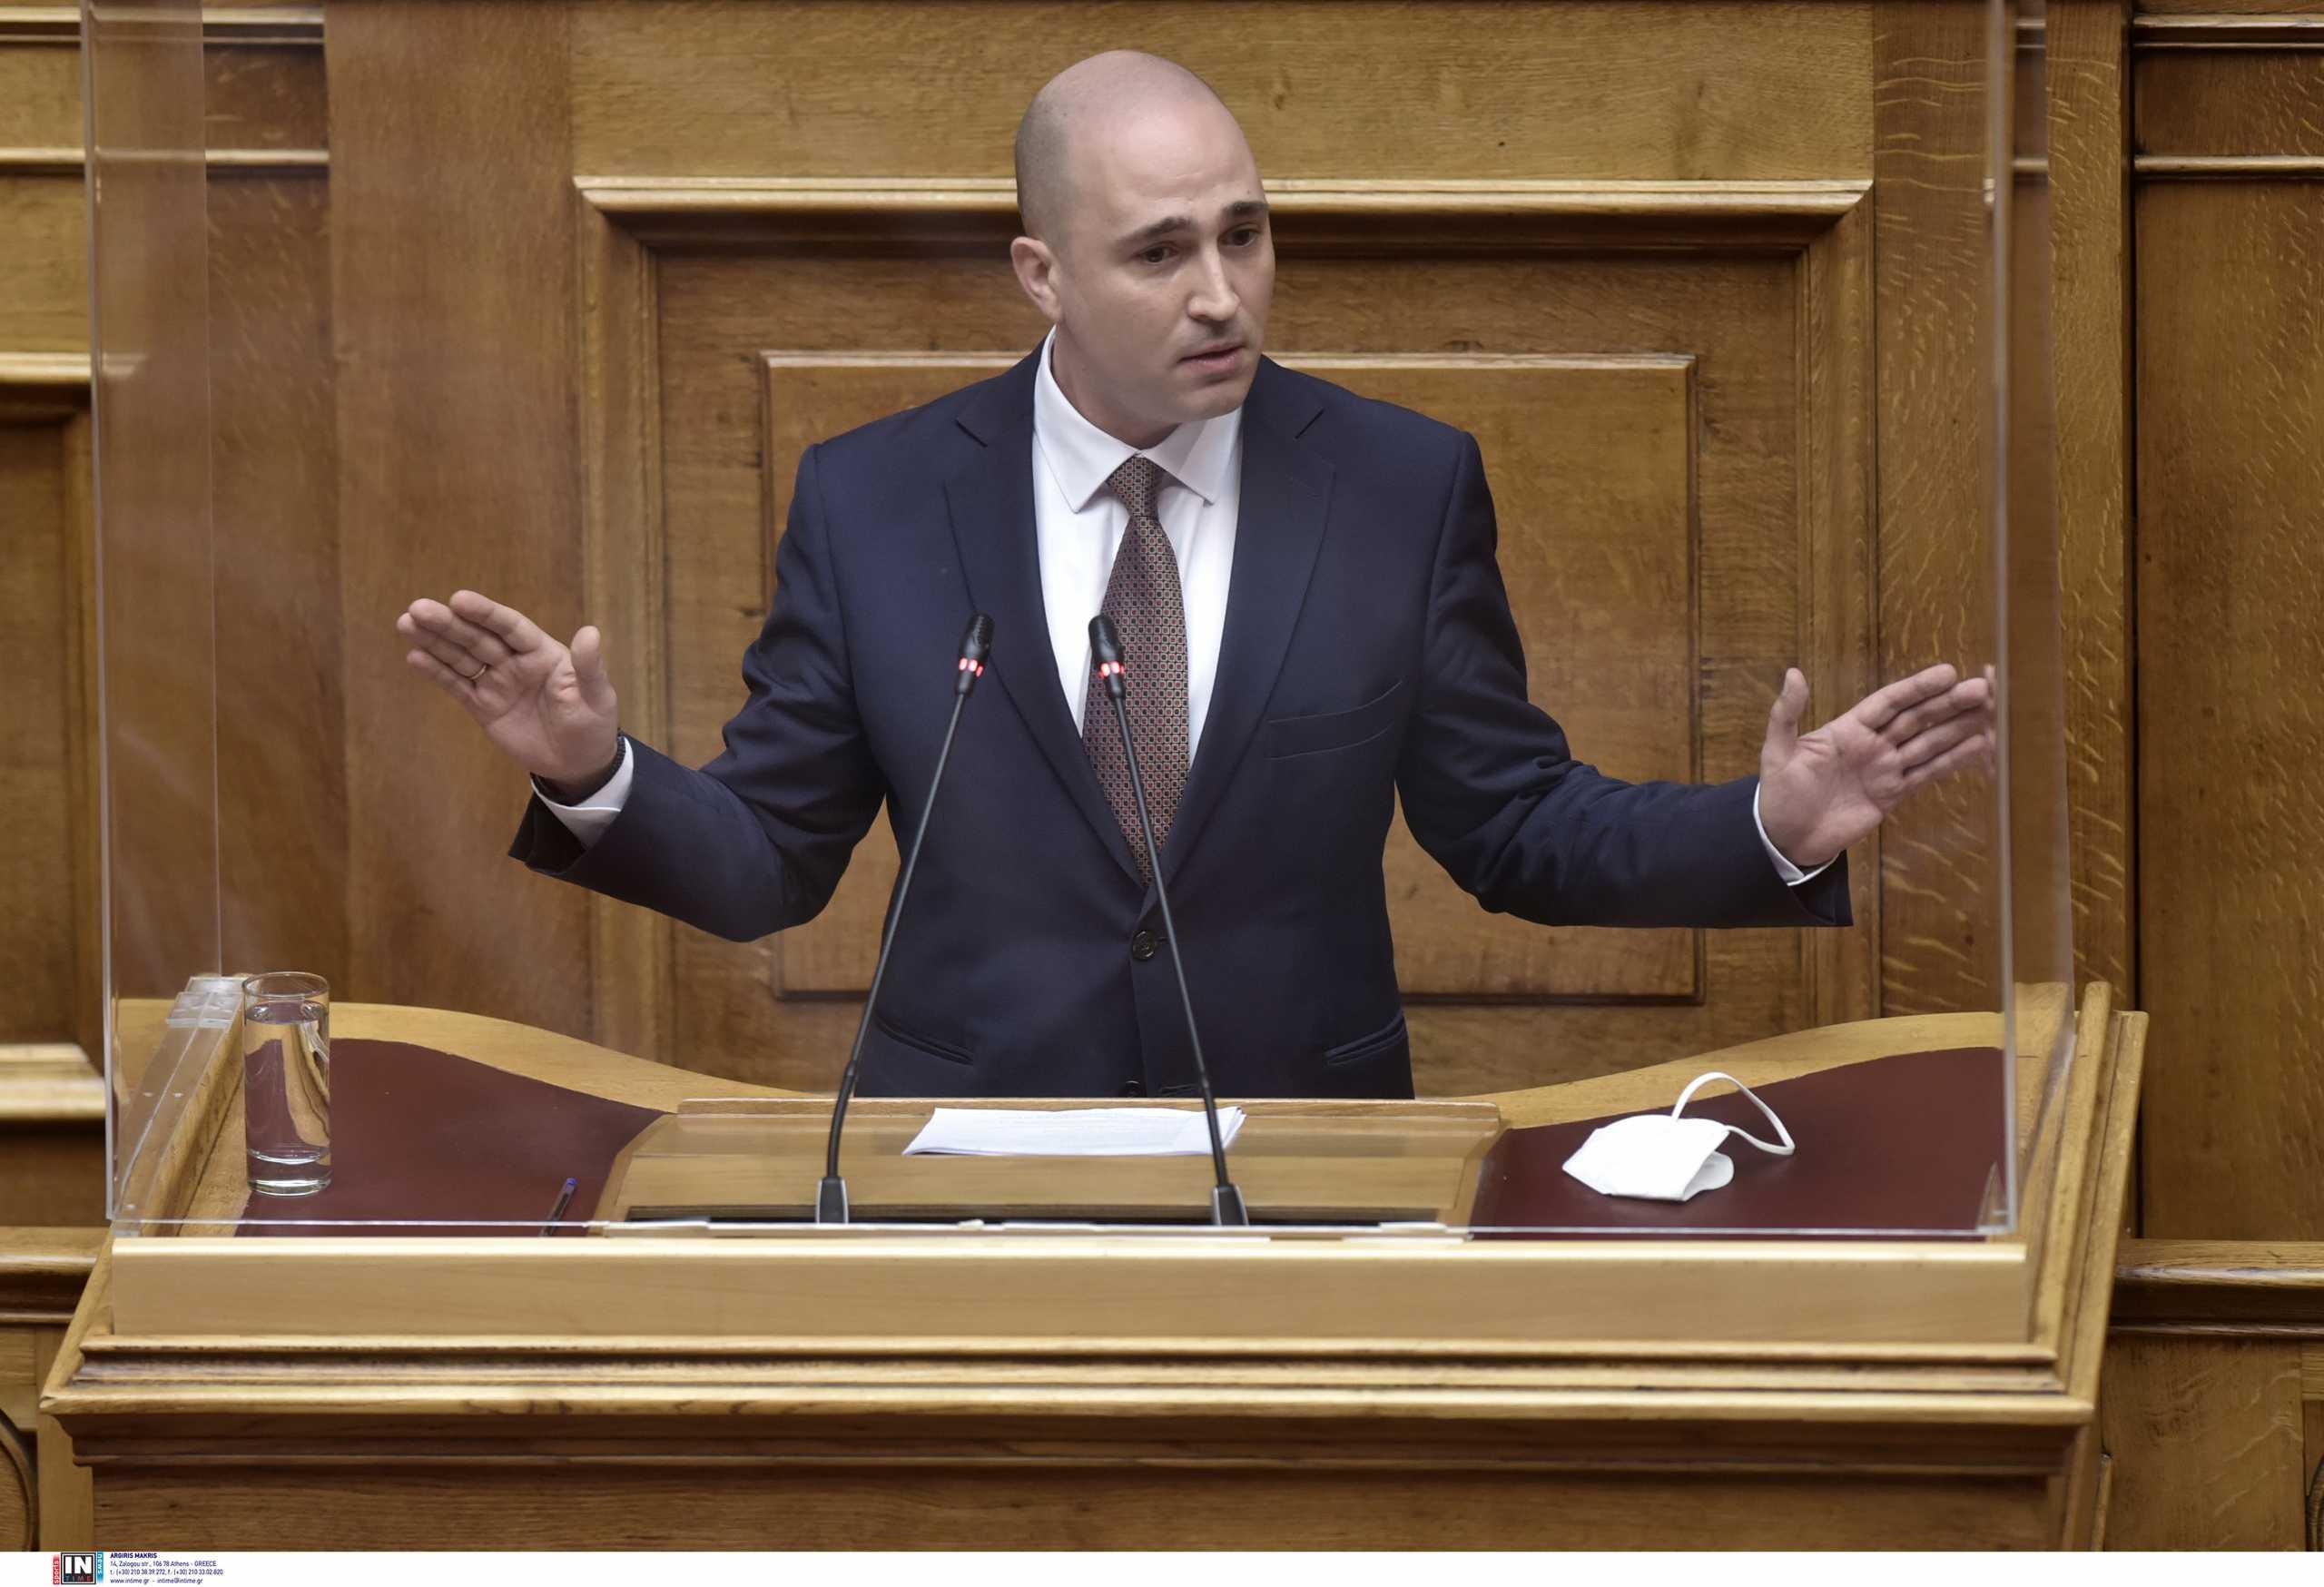 Διαγραφή Μπογδάνου – Κωνσταντίνος Κυρανάκης: Δόθηκαν εξηγήσεις, άλλη είναι η είδηση